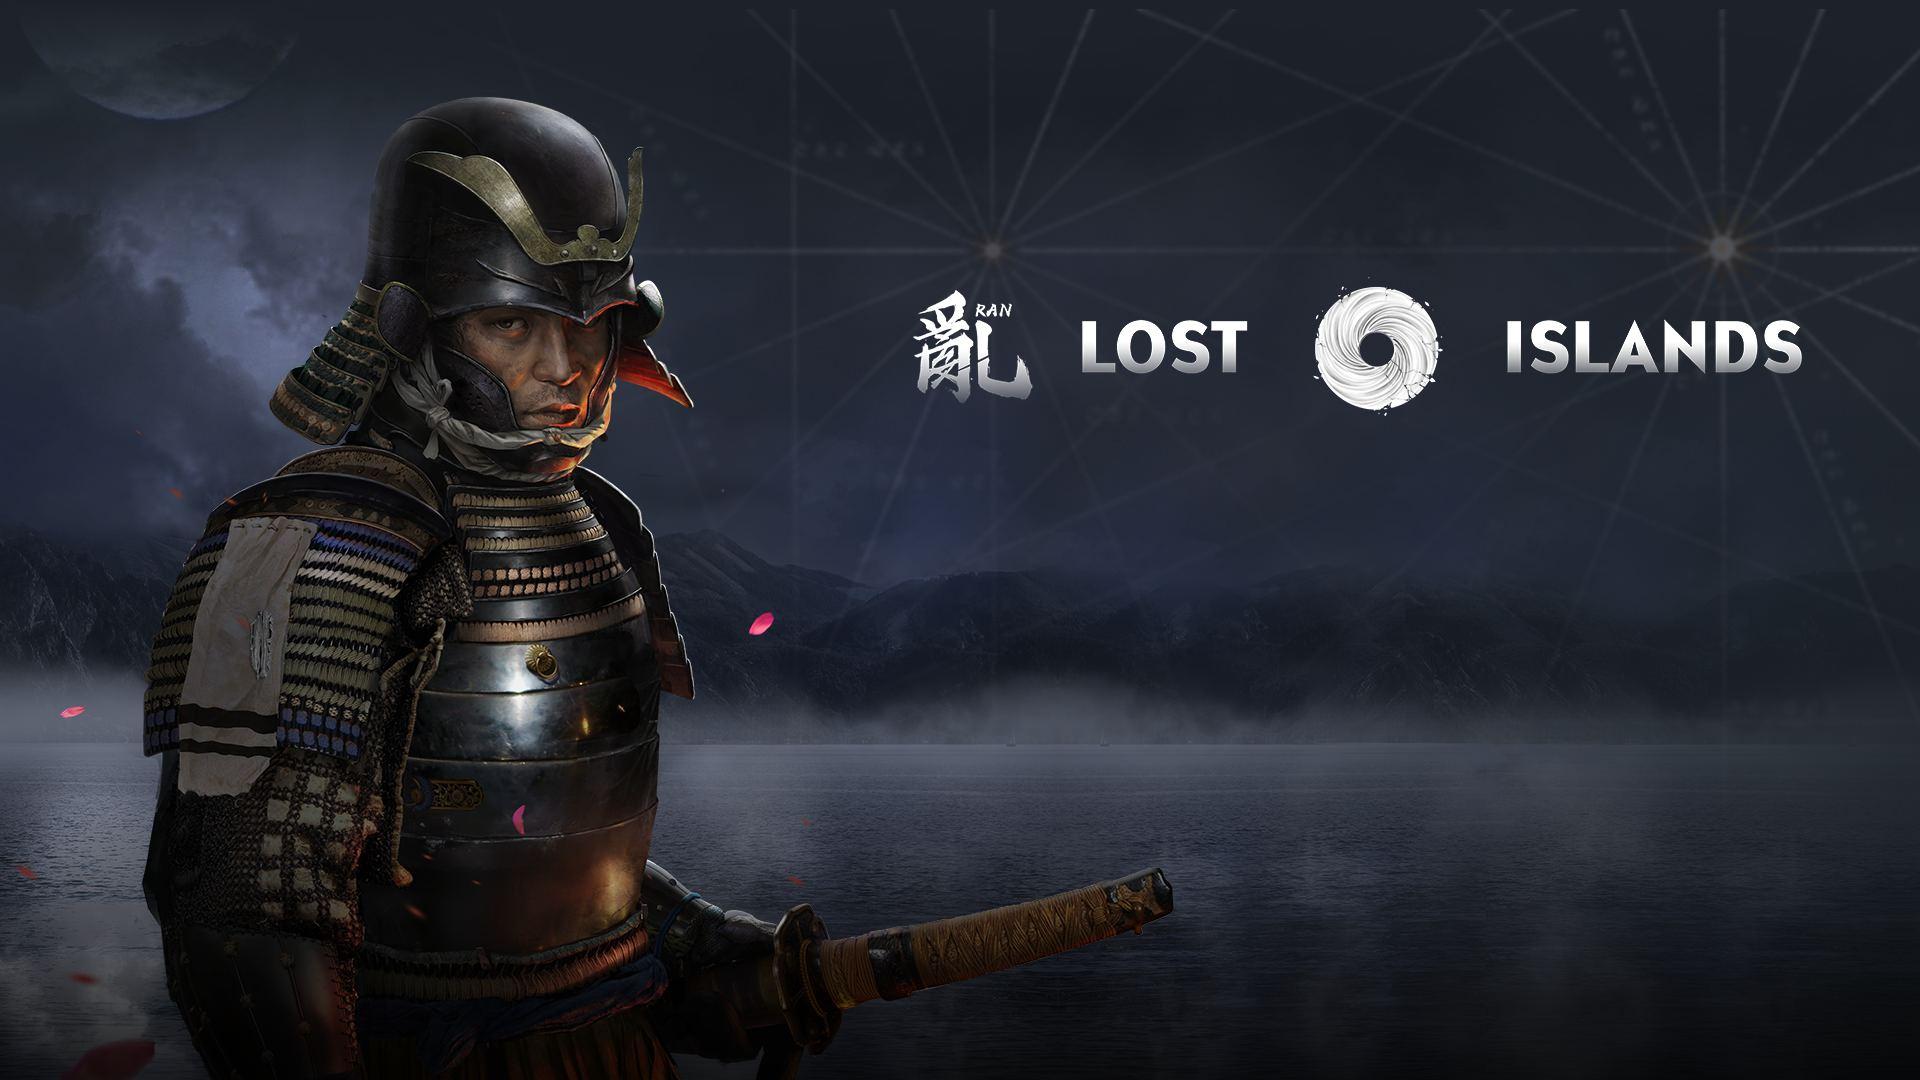 RAN Lost Islands Key Art_003